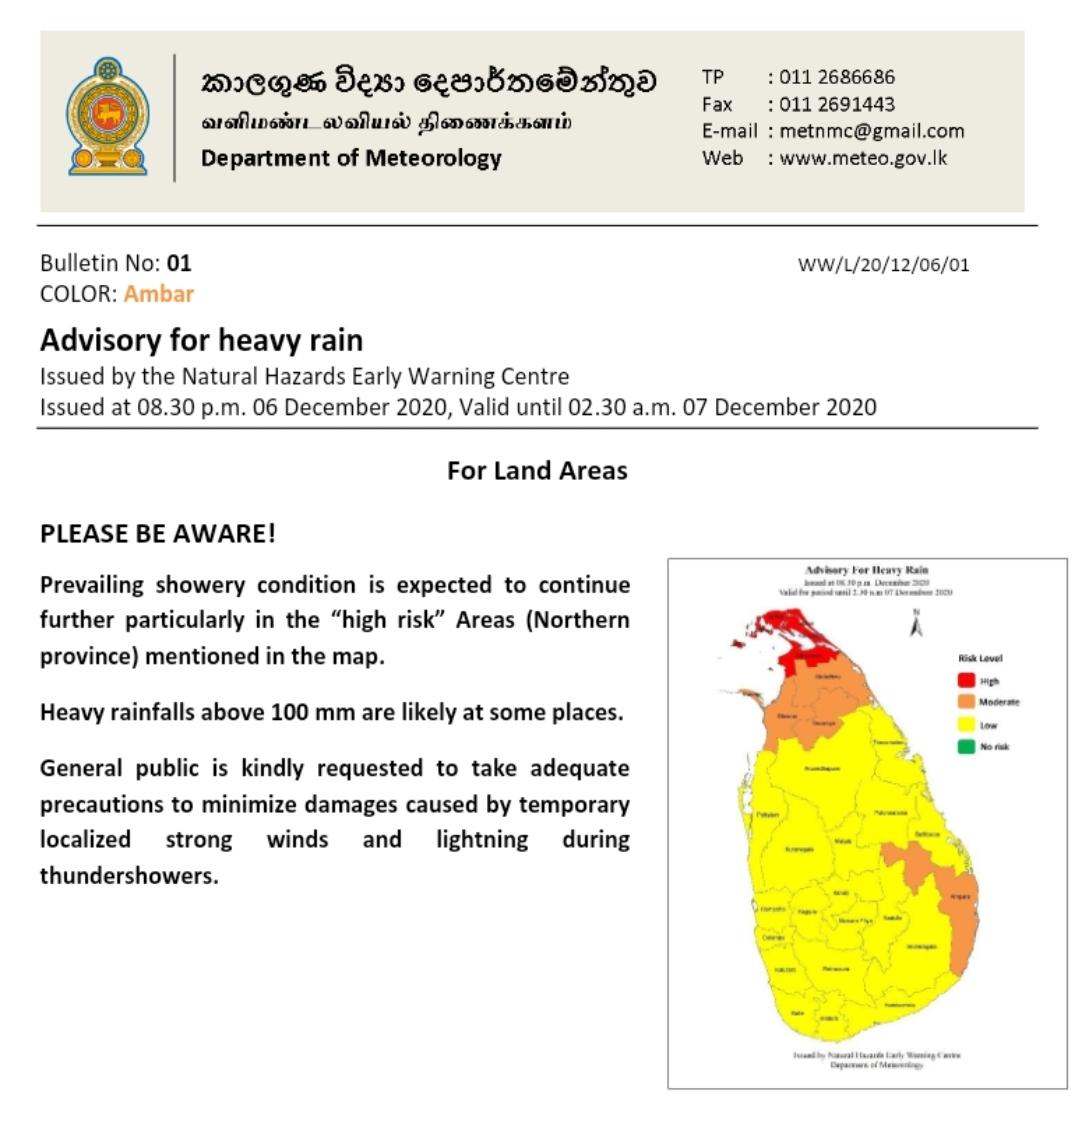 Advisory issued for heavy rain